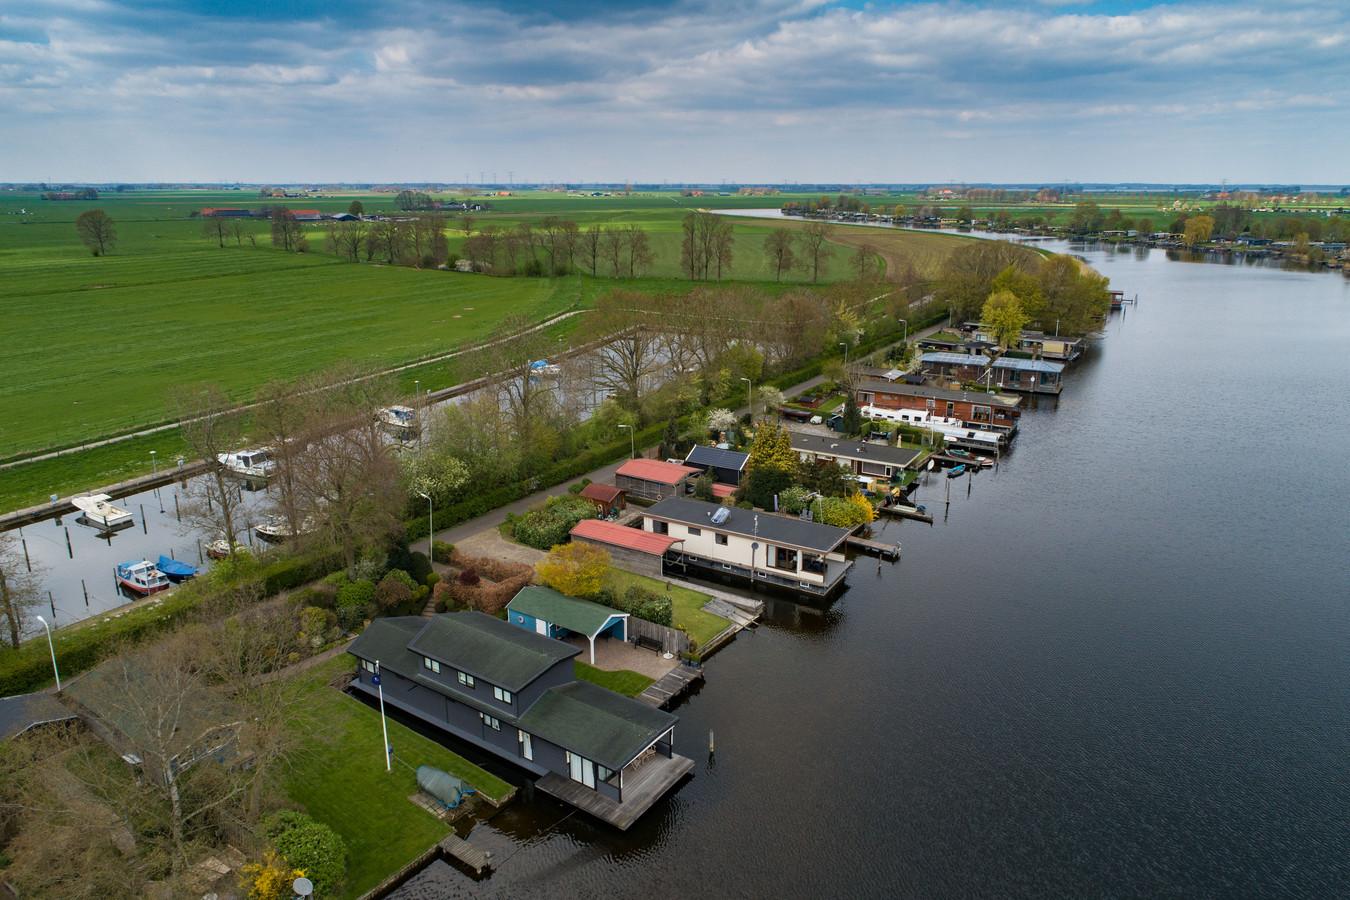 De 14 woonarken in het Ganzendiep bij Kampen.